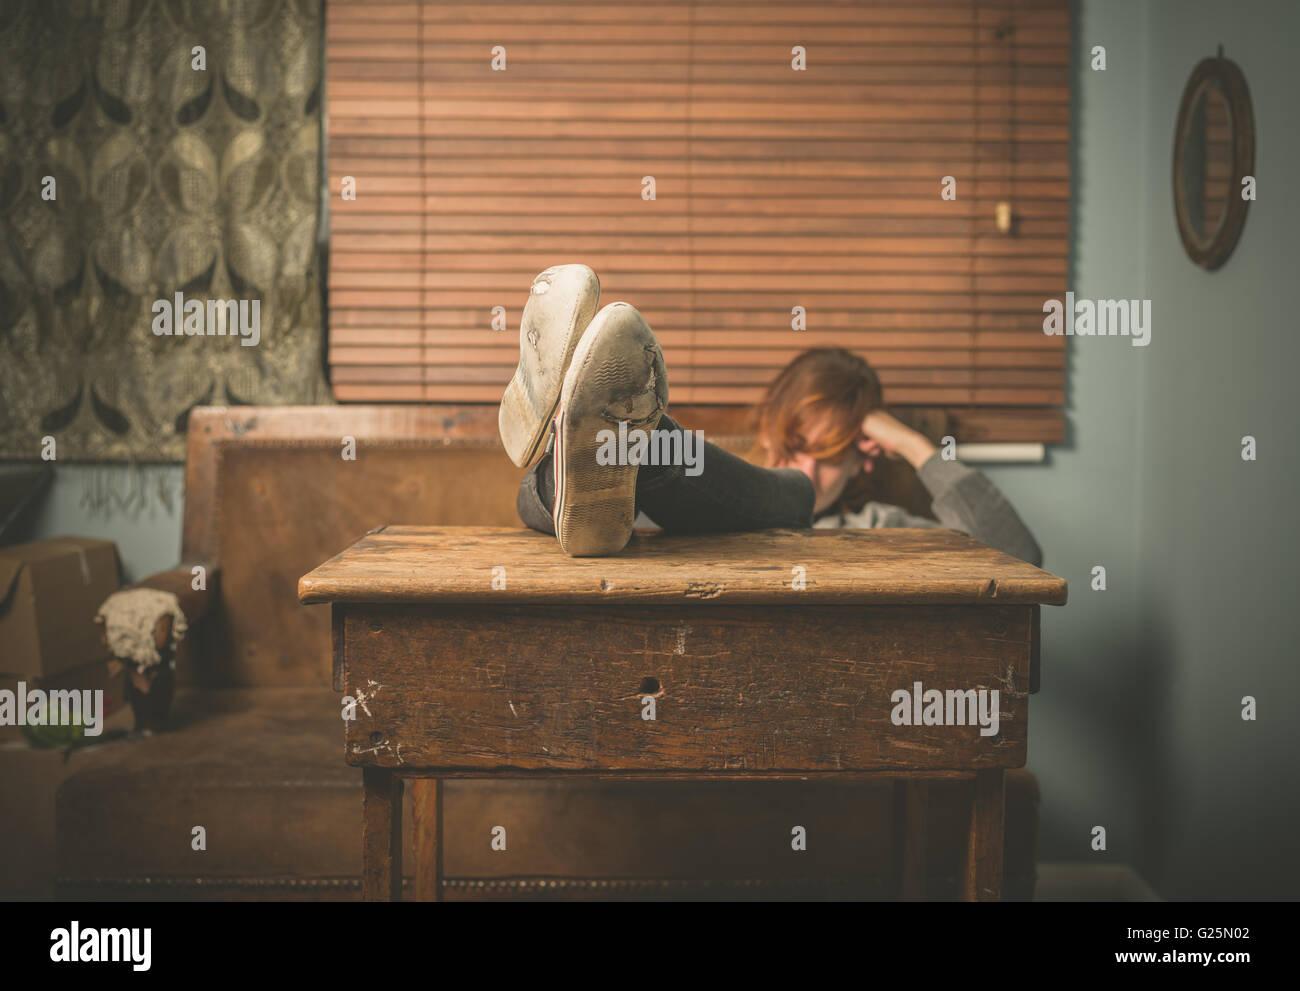 Una joven mujer vistiendo zapatos desgastados descansa sus pies sobre una mesa en casa Imagen De Stock